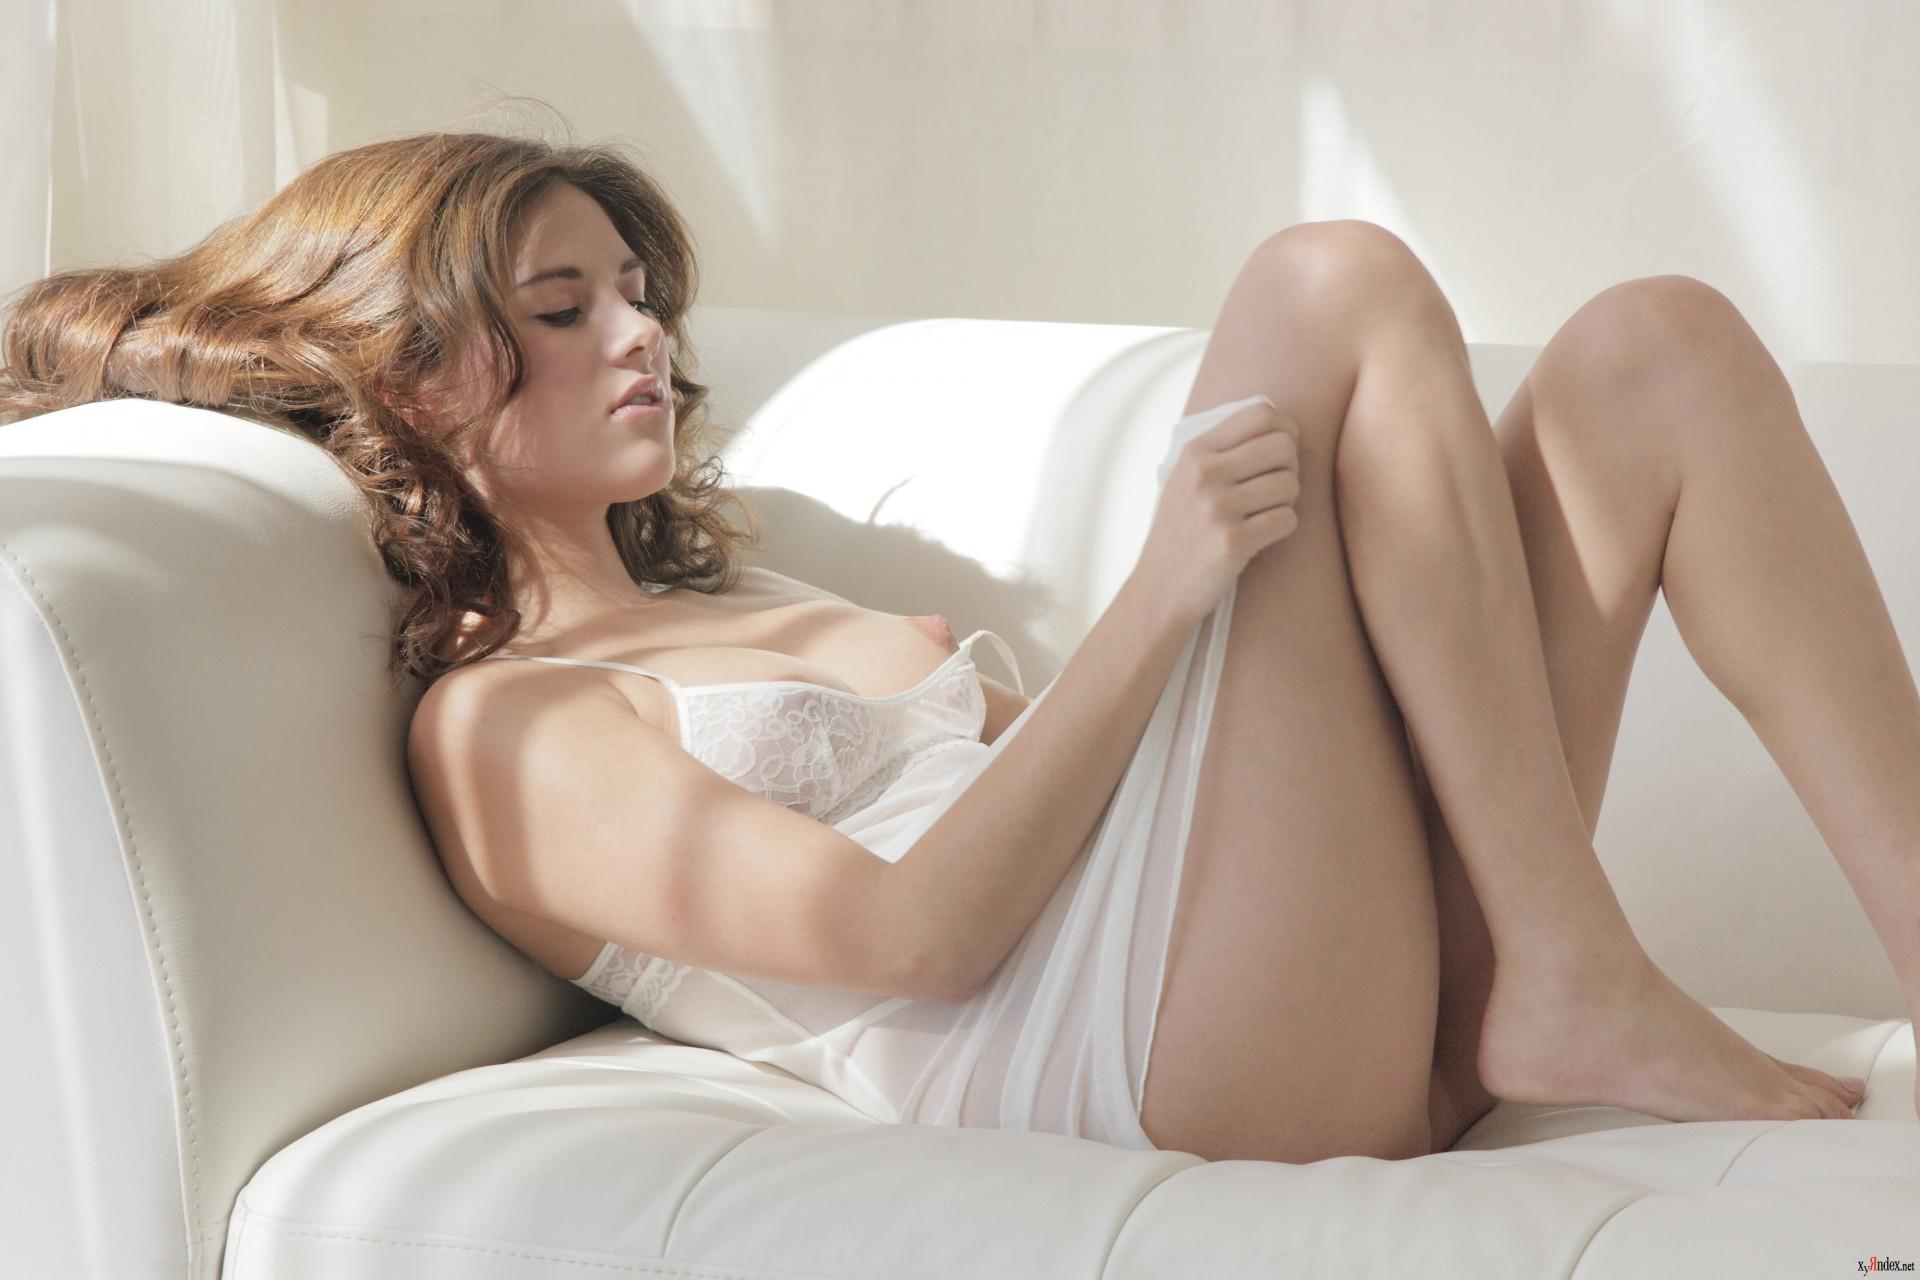 Телки в ночнушке порно